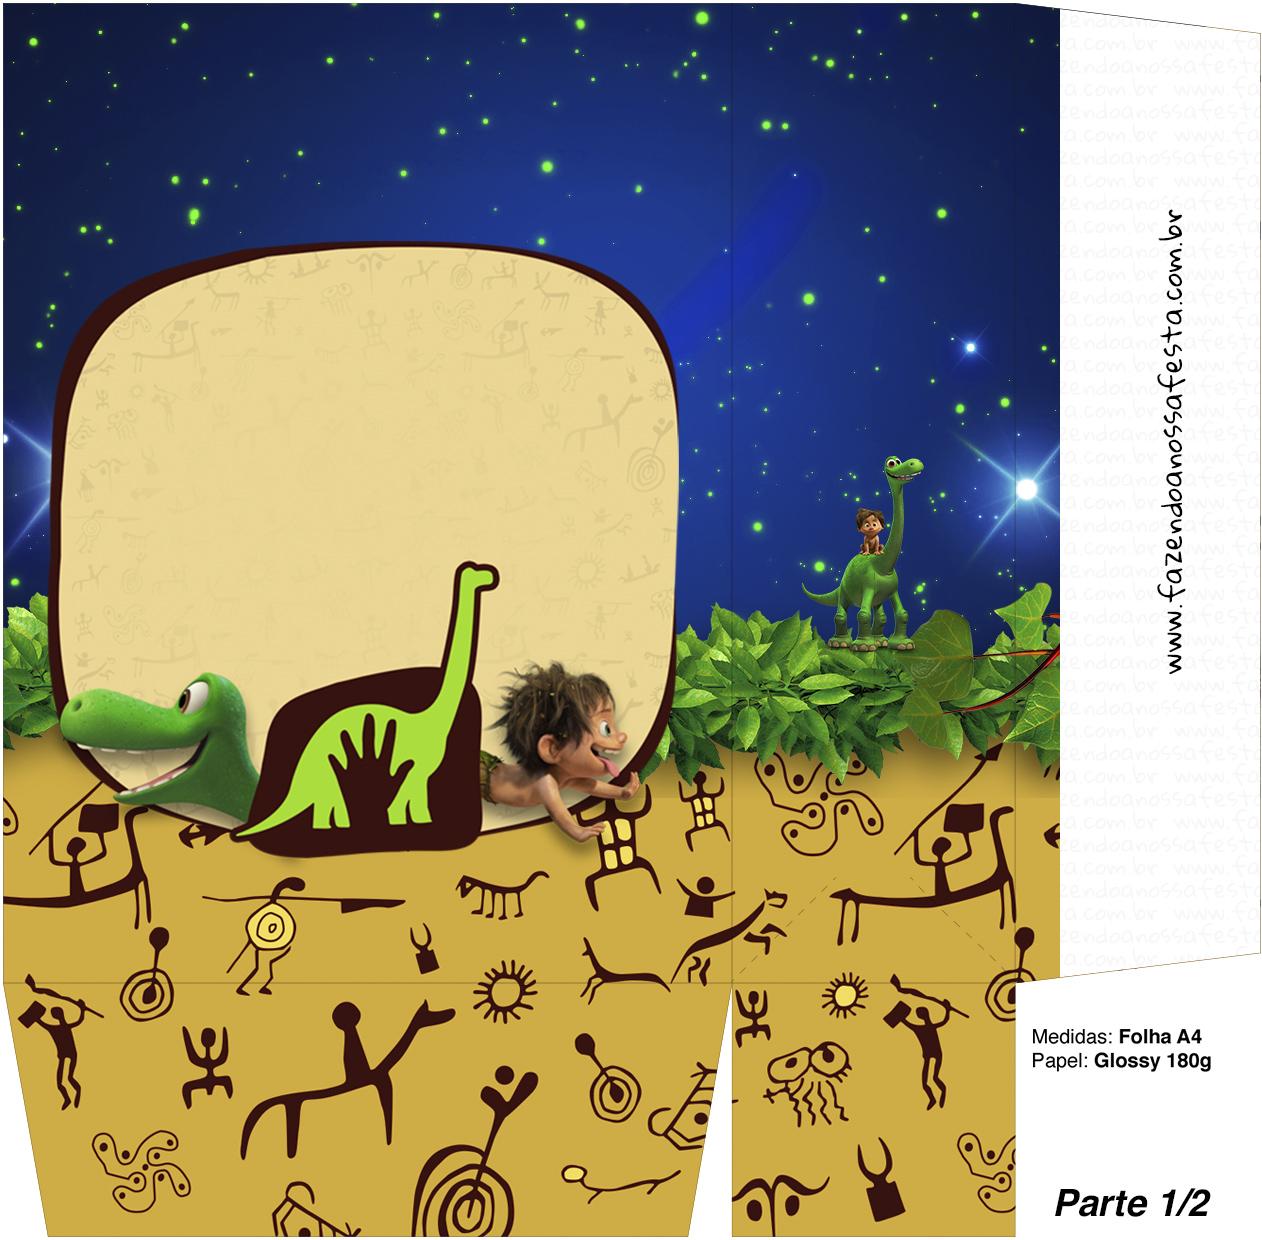 Sacolinha Surpresa O Bom Dinossauro Parte 2 O Bom Dinossauro